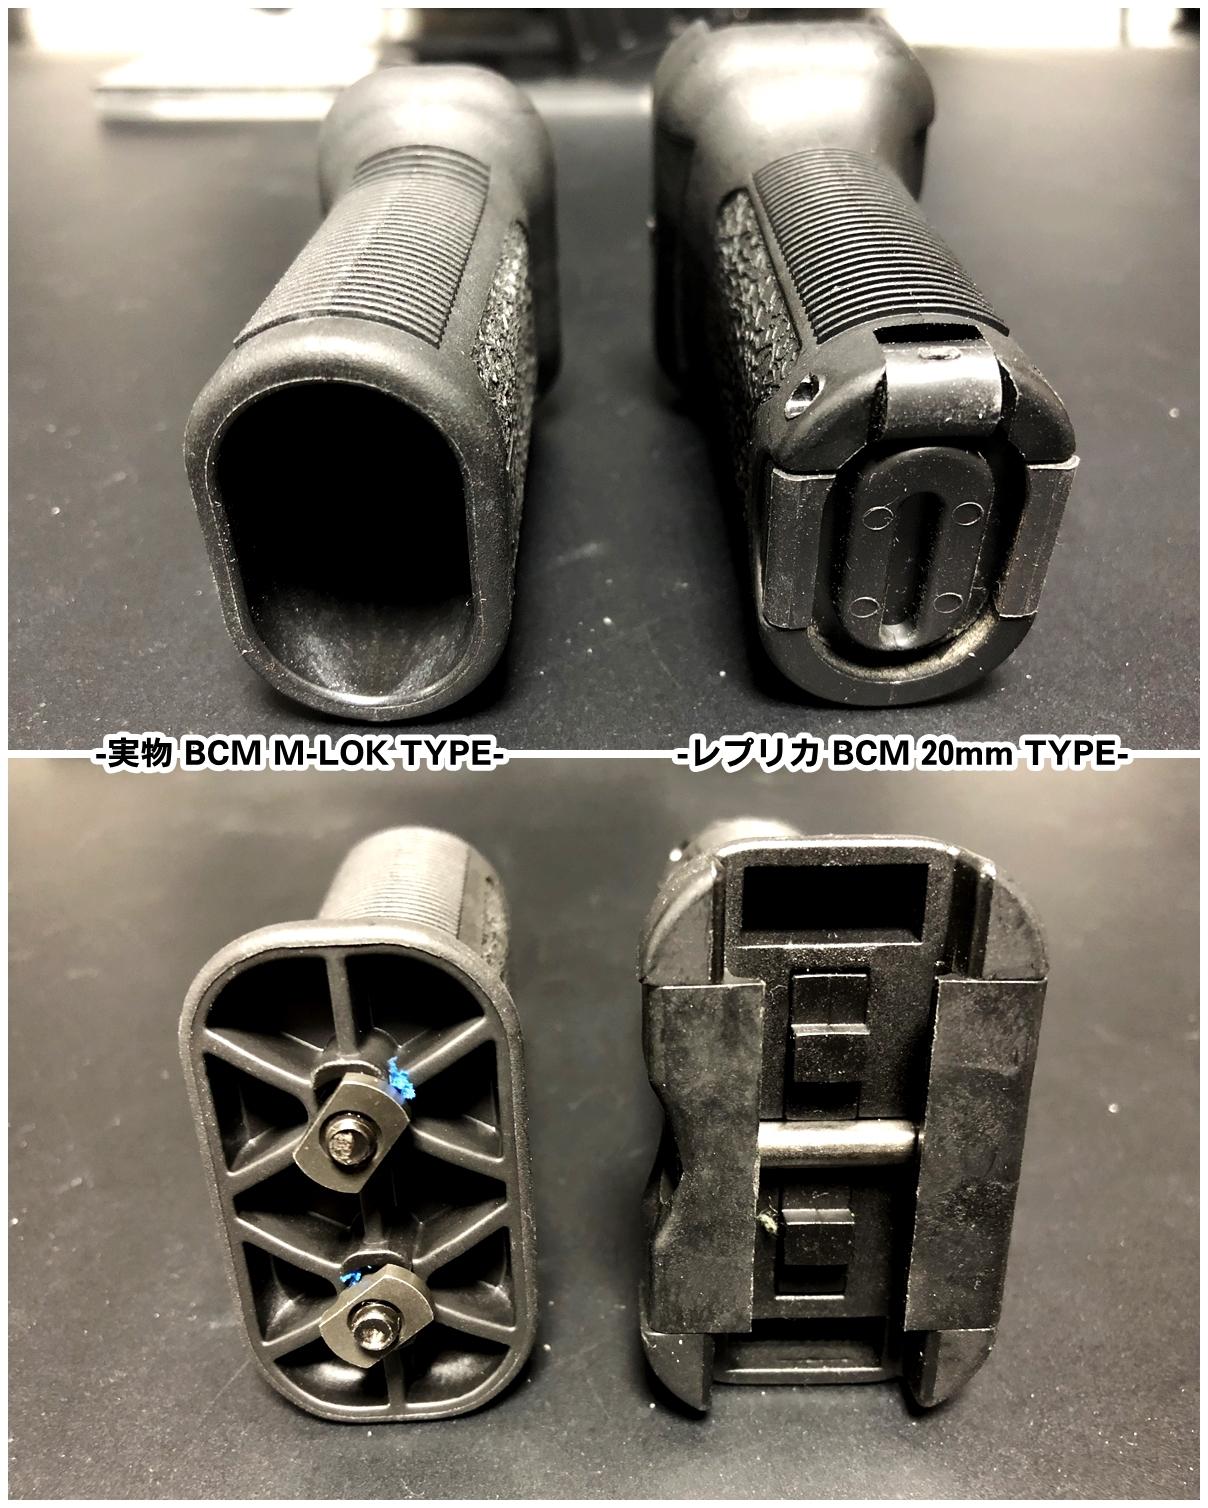 10 実物 BCM GUNFIGHTER VERTICAL GRIP MOD3 M-LOK Compatible ガンファイター バーティカル グリップ 実物 & レプリカ 違い 検証 取付 交換 正規品 新品 開封 カスタム レビュー